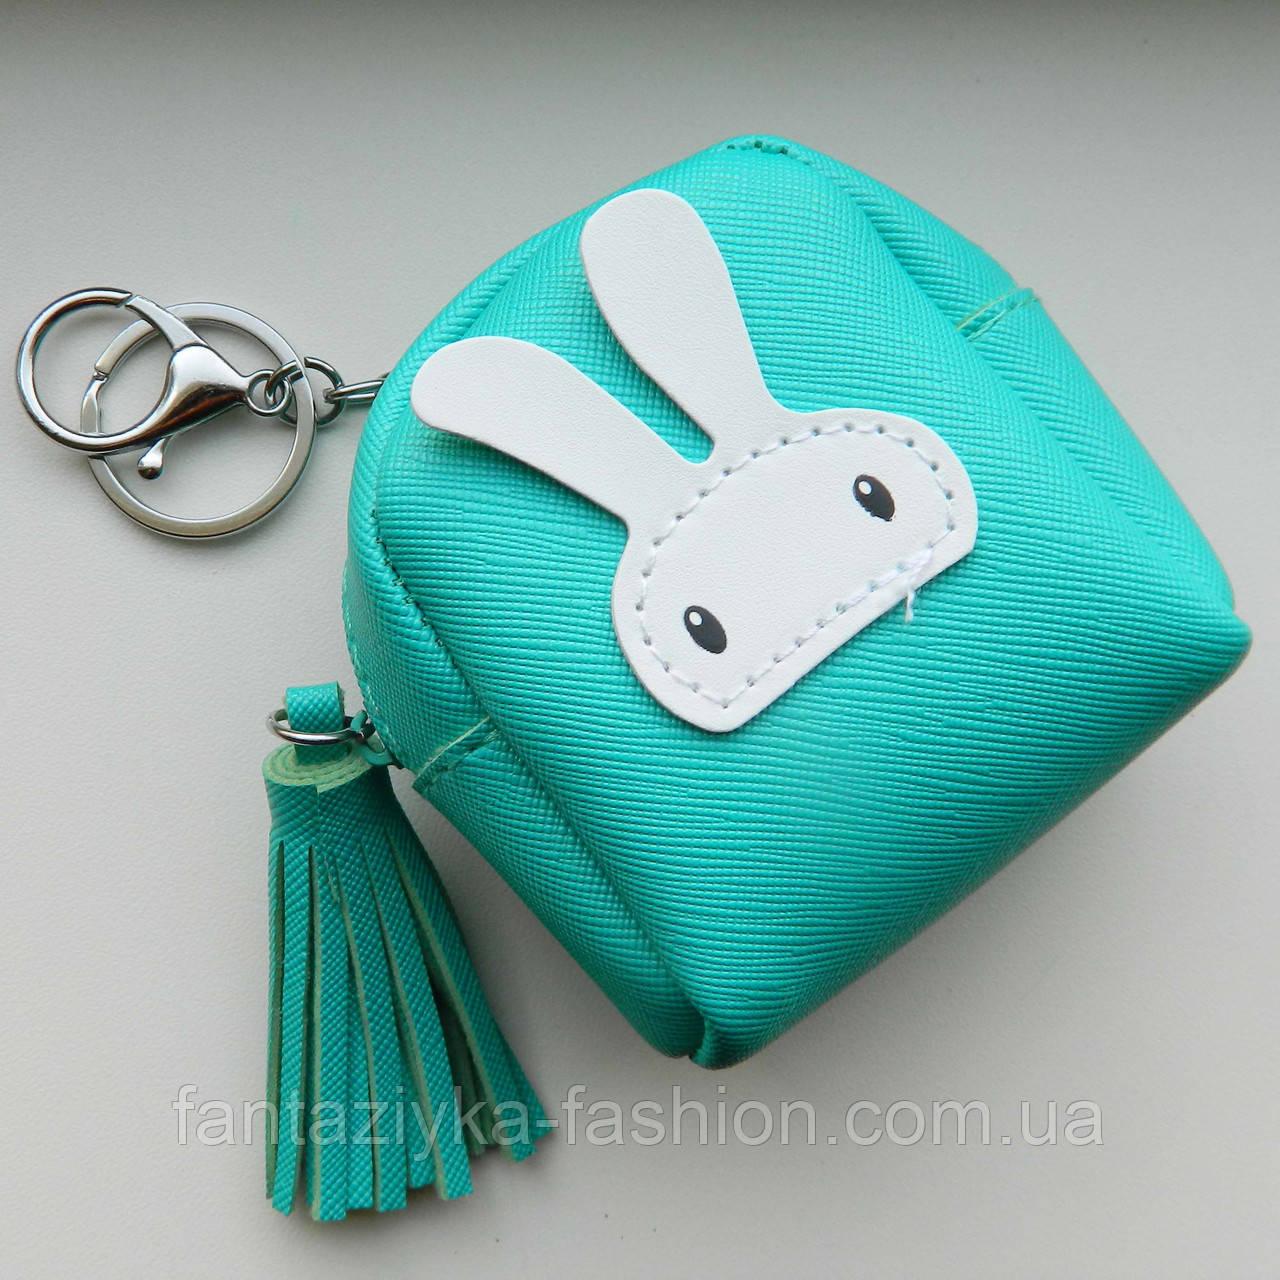 Брелок мини рюкзак бирюзовый с кисточкой